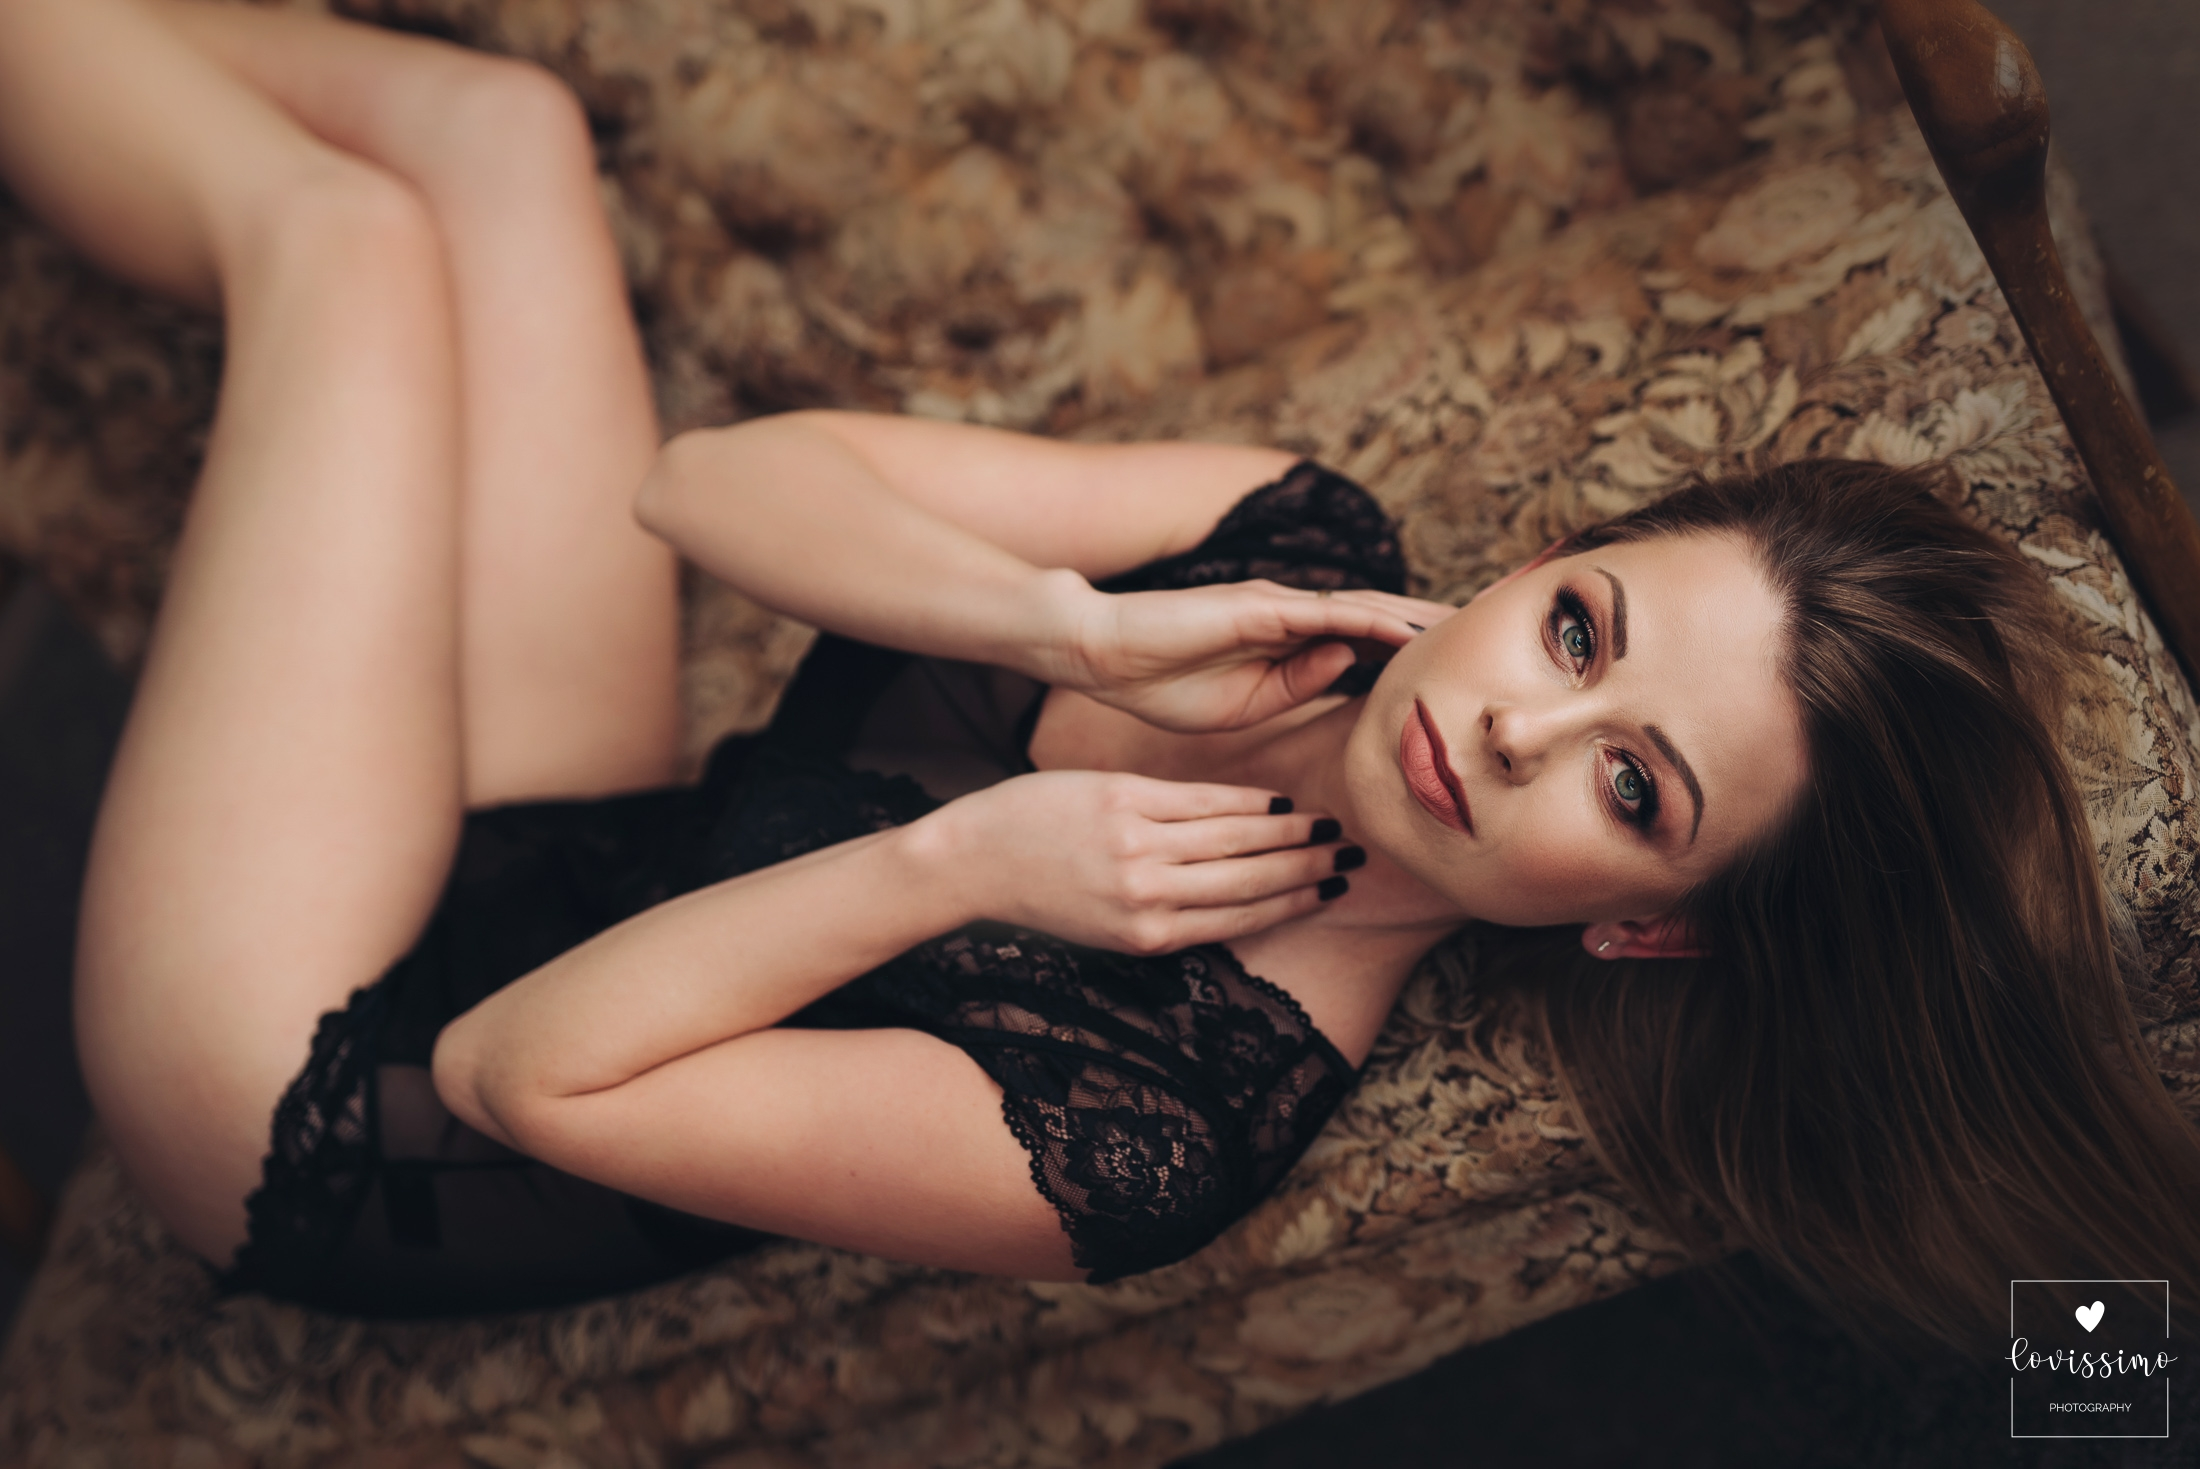 Sesja buduarowa Rzeszów, sesja kobieca, sensualna